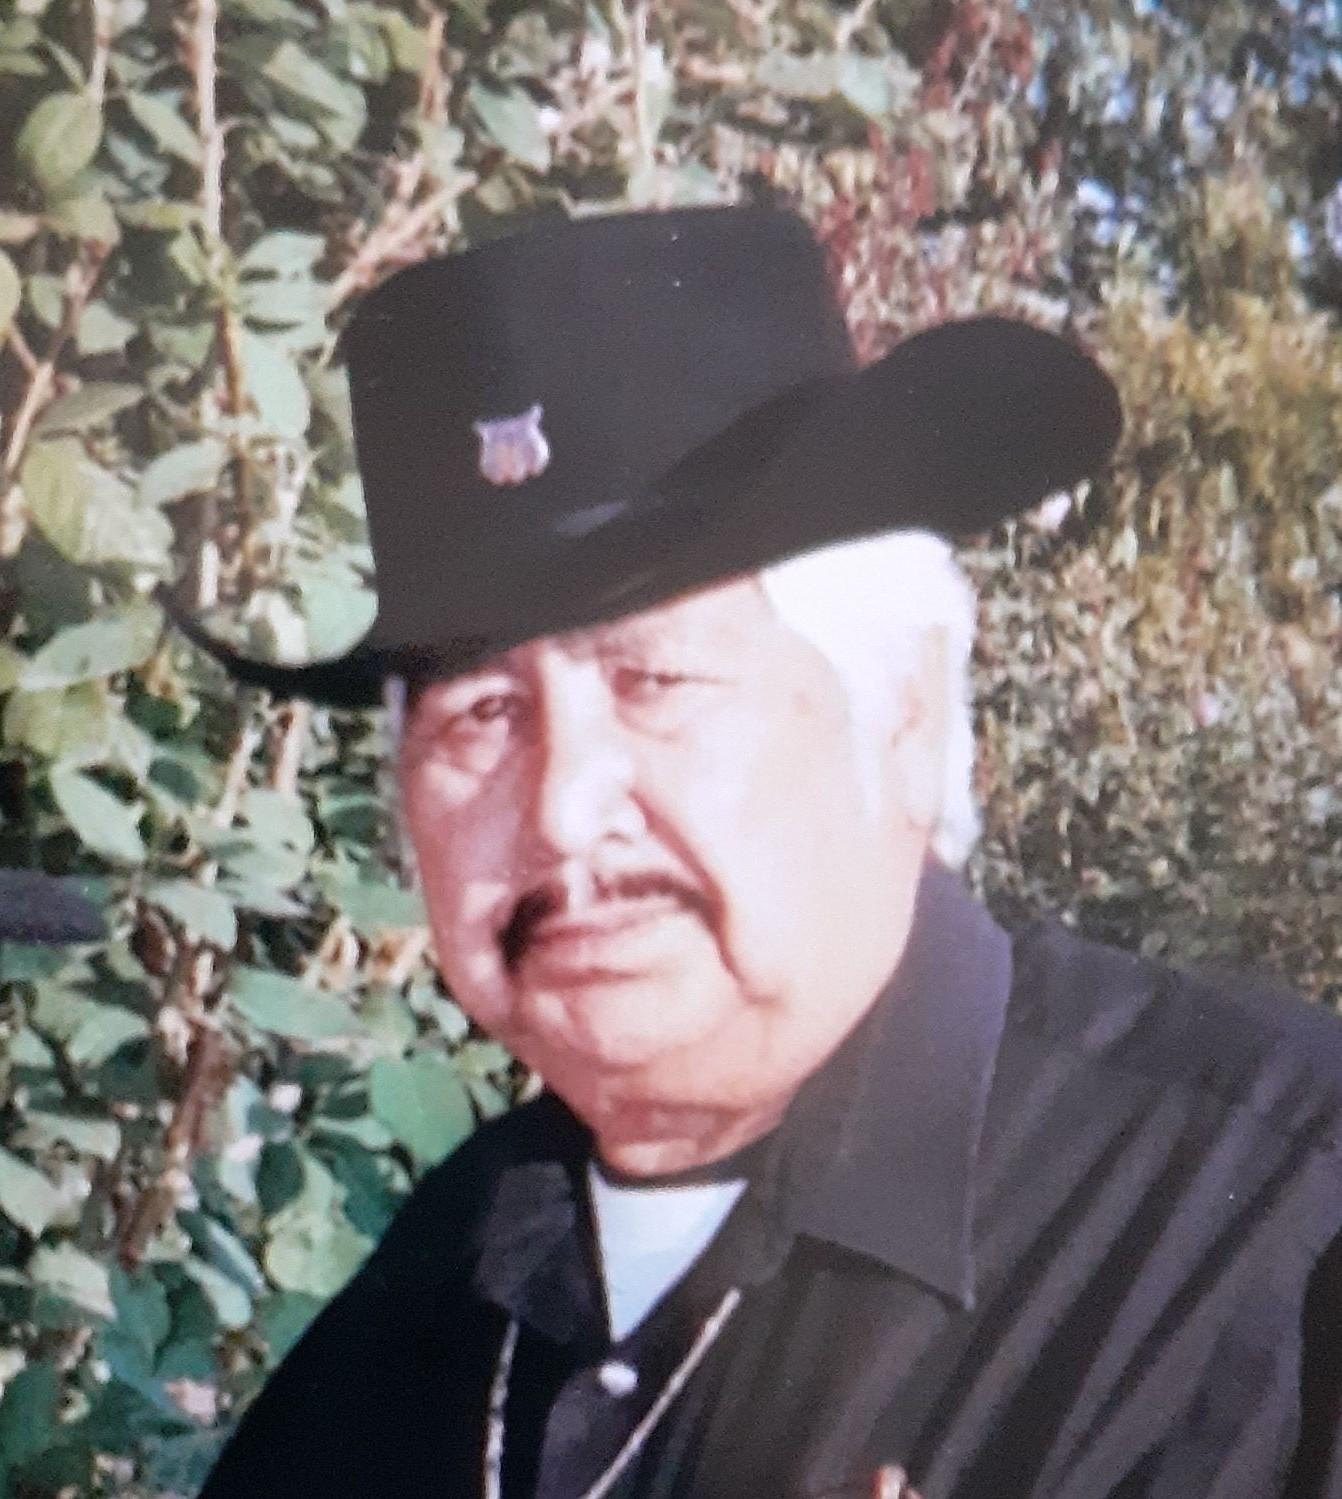 Manuel Peis Gonzalez